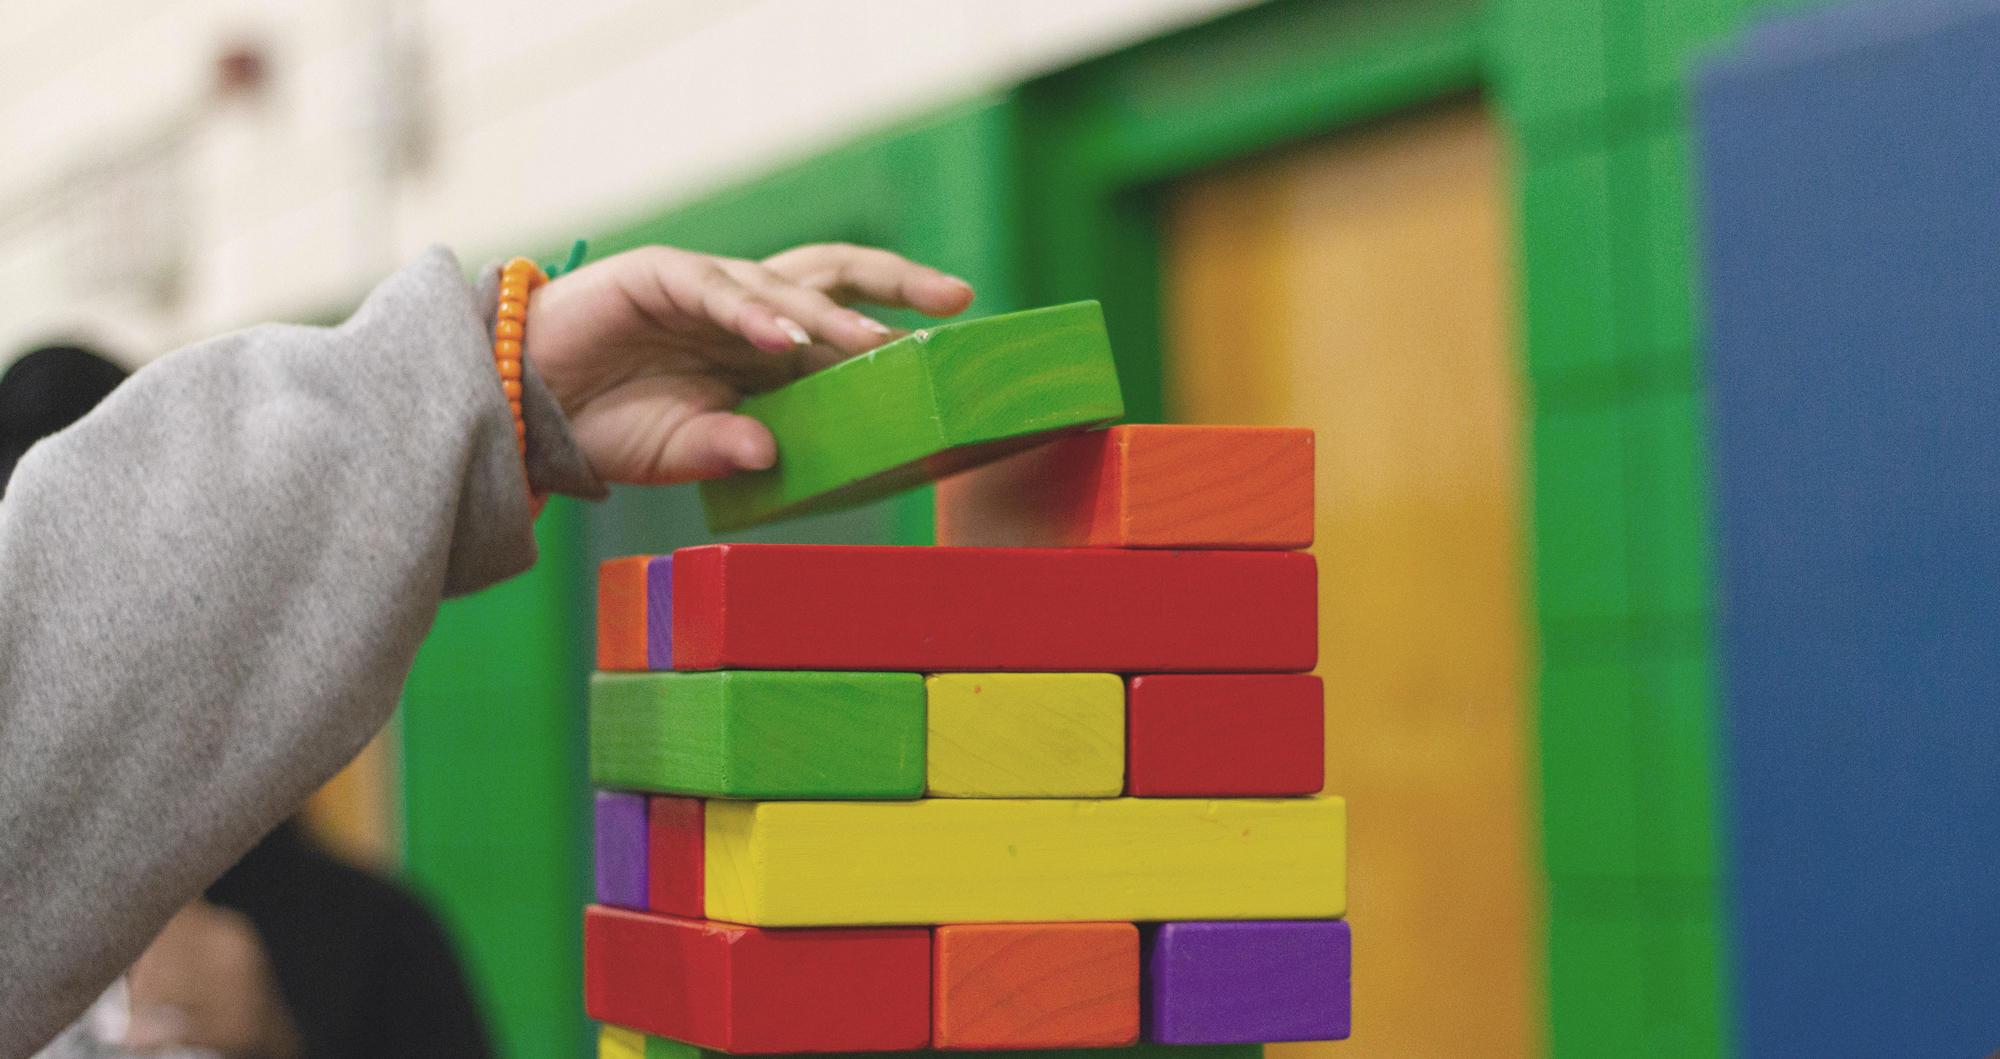 Regjeringen krever legeerklæring for omsorgspenger